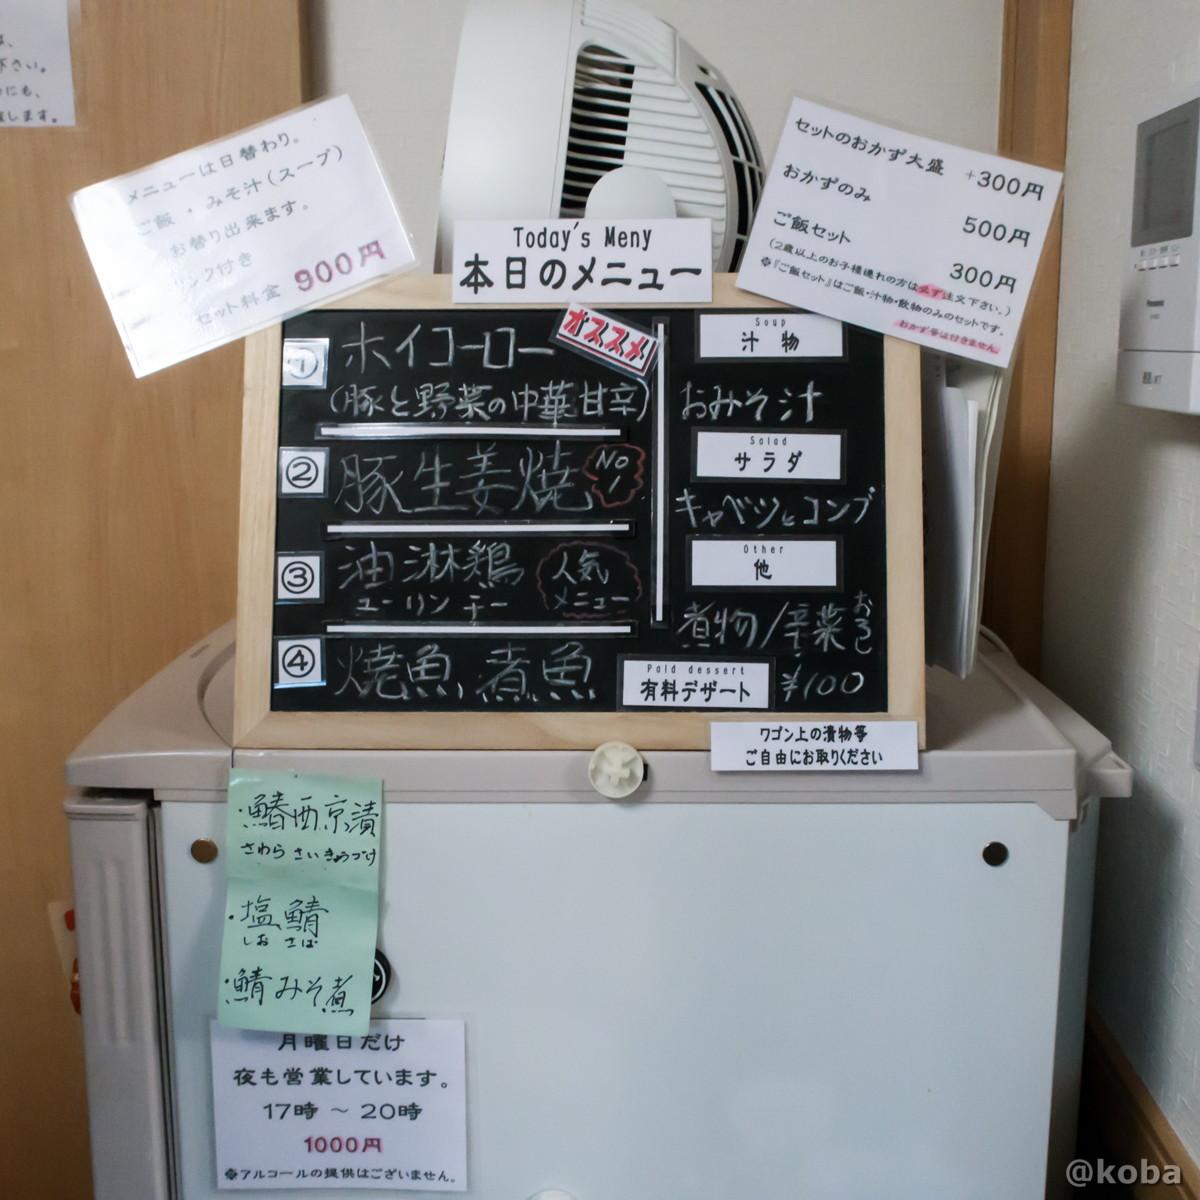 定食セットメニューの写真|そらのすぷーん 定食屋|ランチ|東京都葛飾区・奥戸・JR新小岩駅|こばブログ